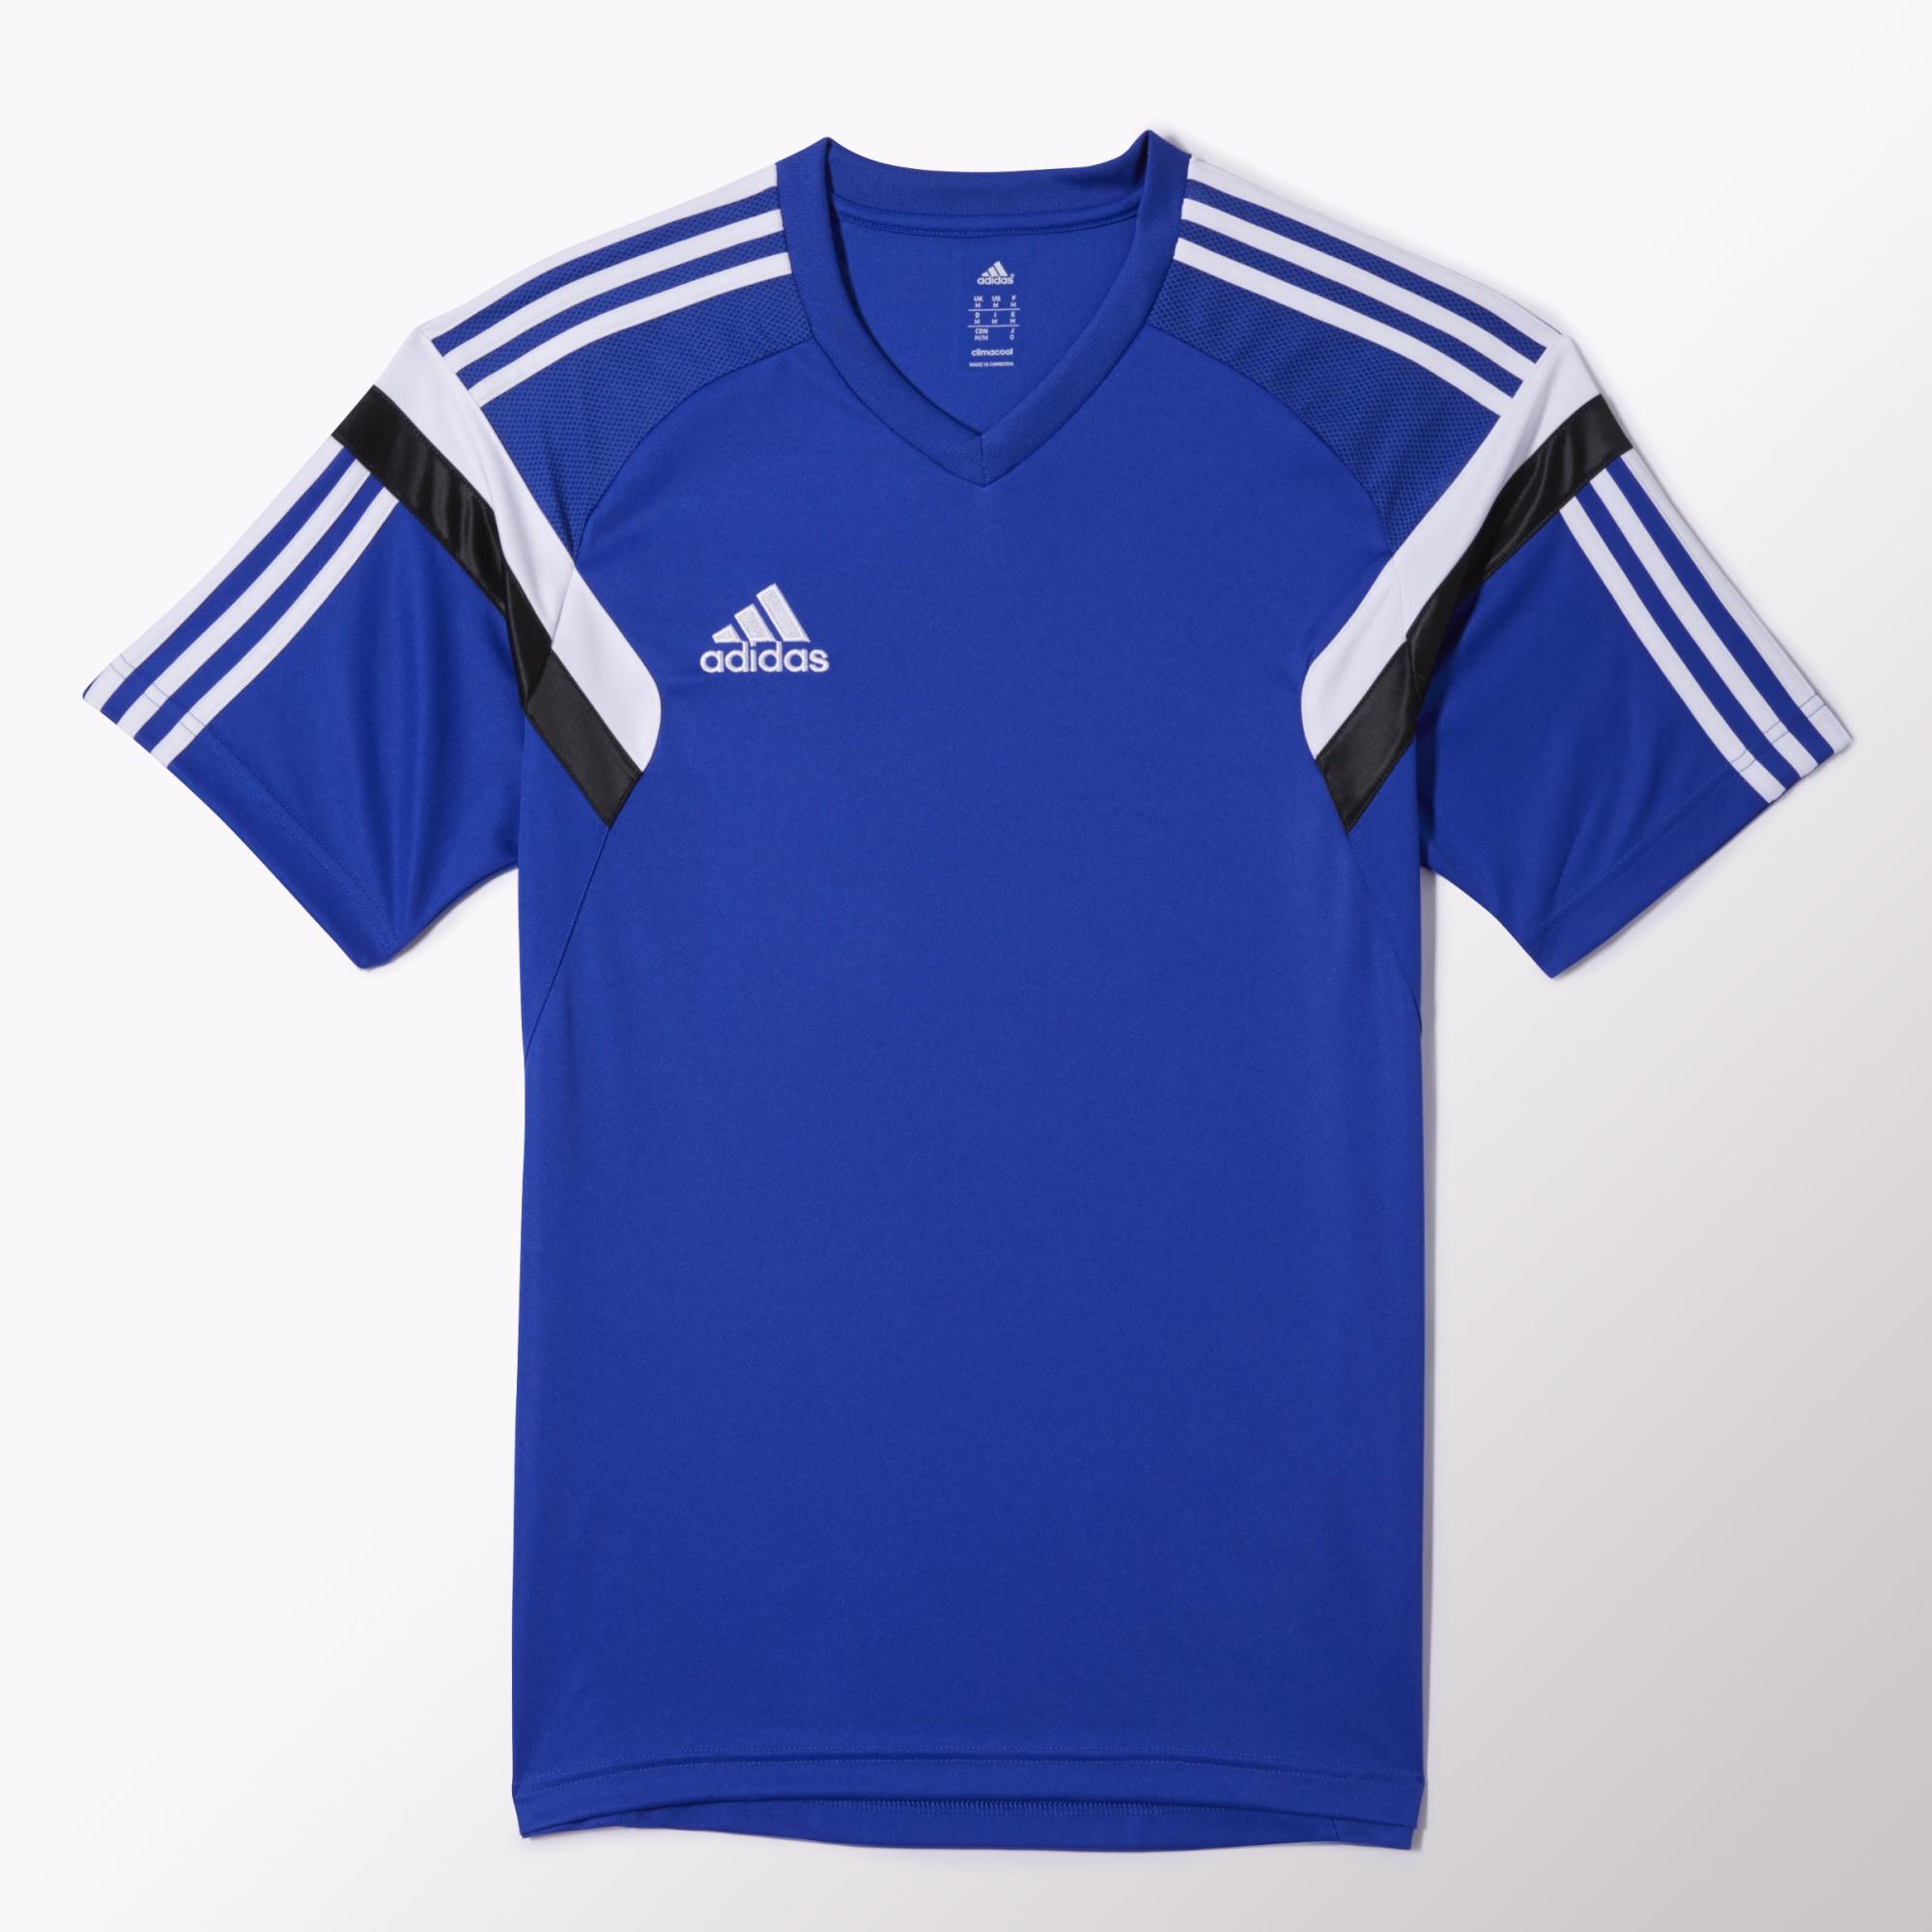 8f84ca8777d200 adidas koszulka treningowa Condivo 14 G81795 r. XL - 6914522652 ...